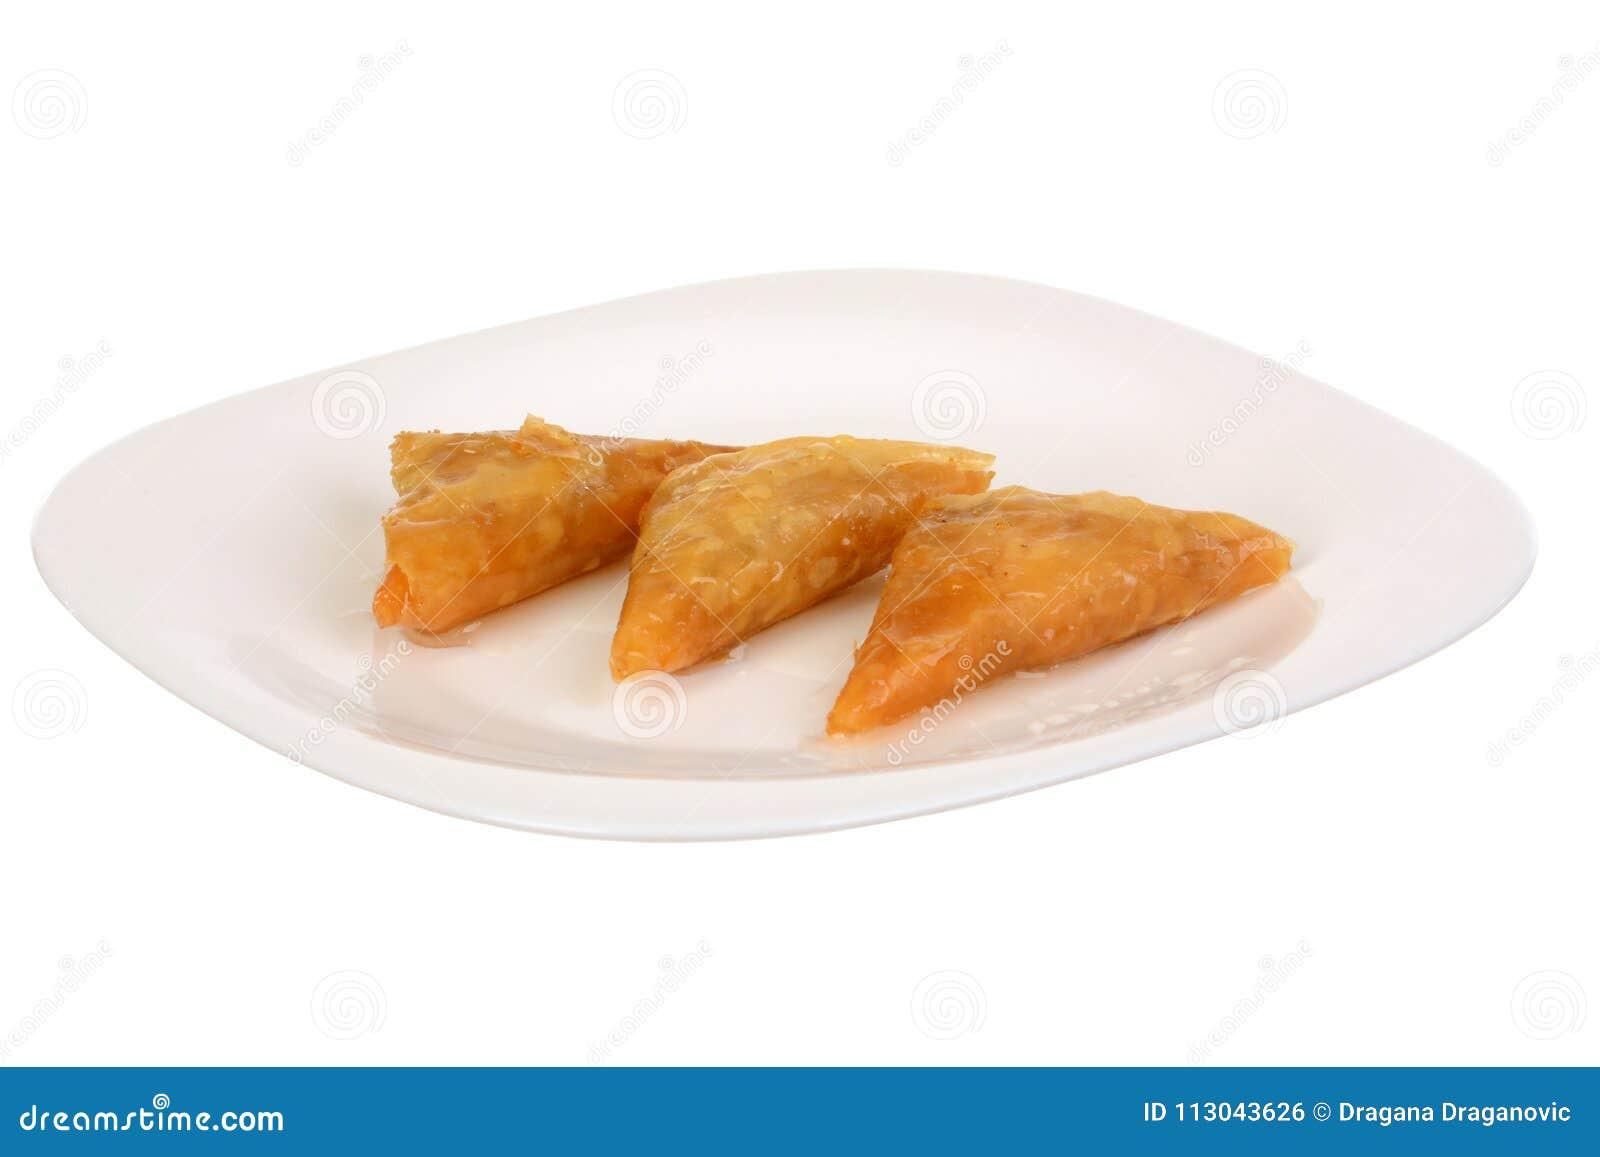 Drei Stücke Baklava - ein arabischer Bonbon gemacht mit gebackenem filo, angefüllt mit zerquetschtem nuts und mit Honig oder Zuck